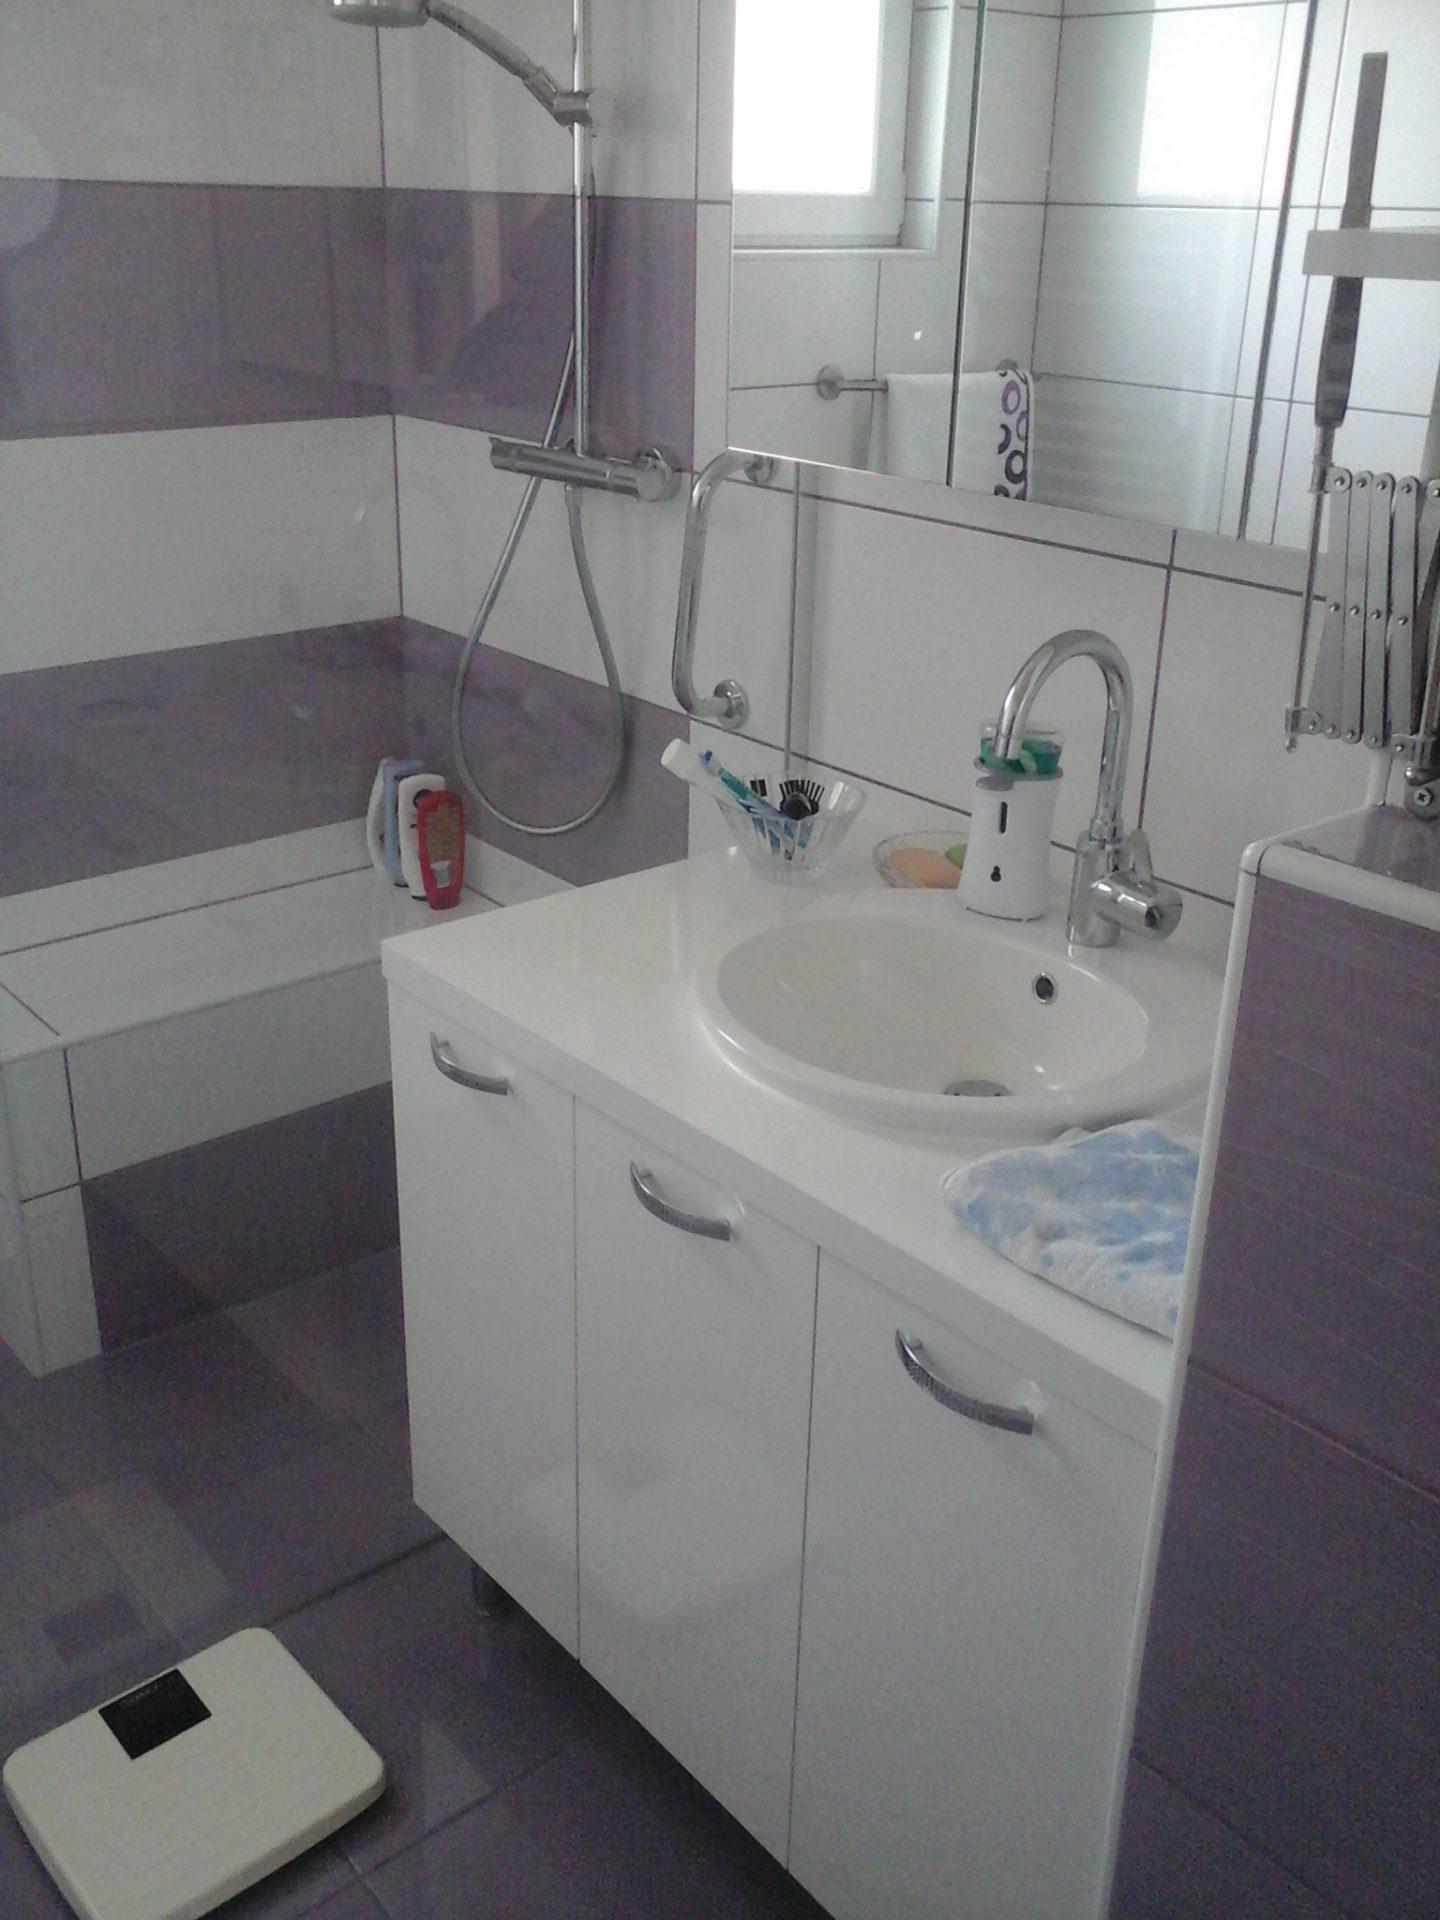 Polaganje ploščic v kopalnici 26